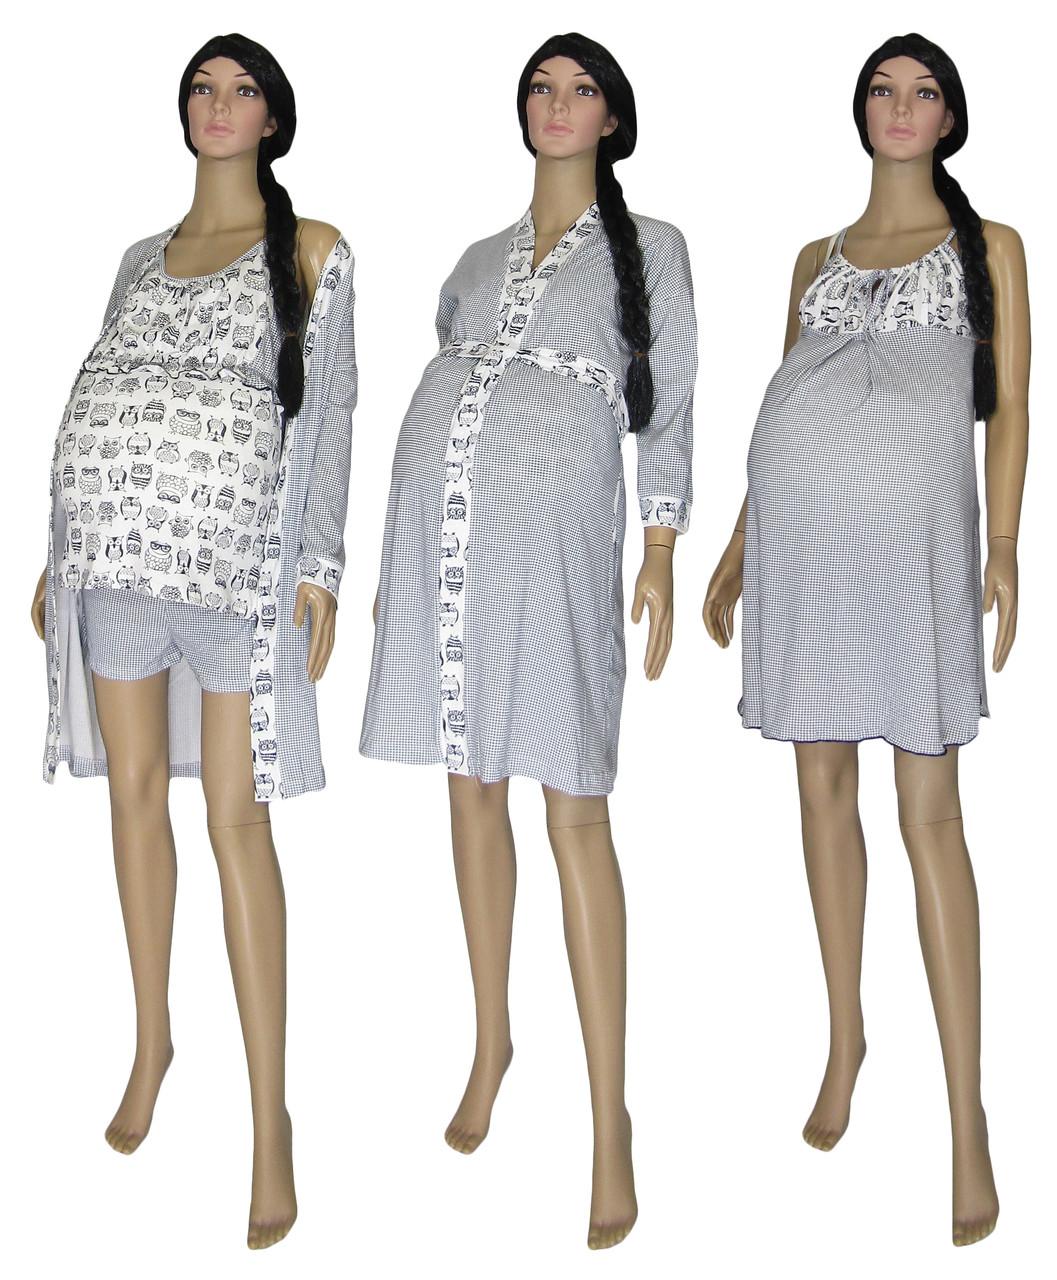 Комплект в роддом 02117 Grey Owl, пижама и халат + ночная рубашка (подарок), р.р.46,48